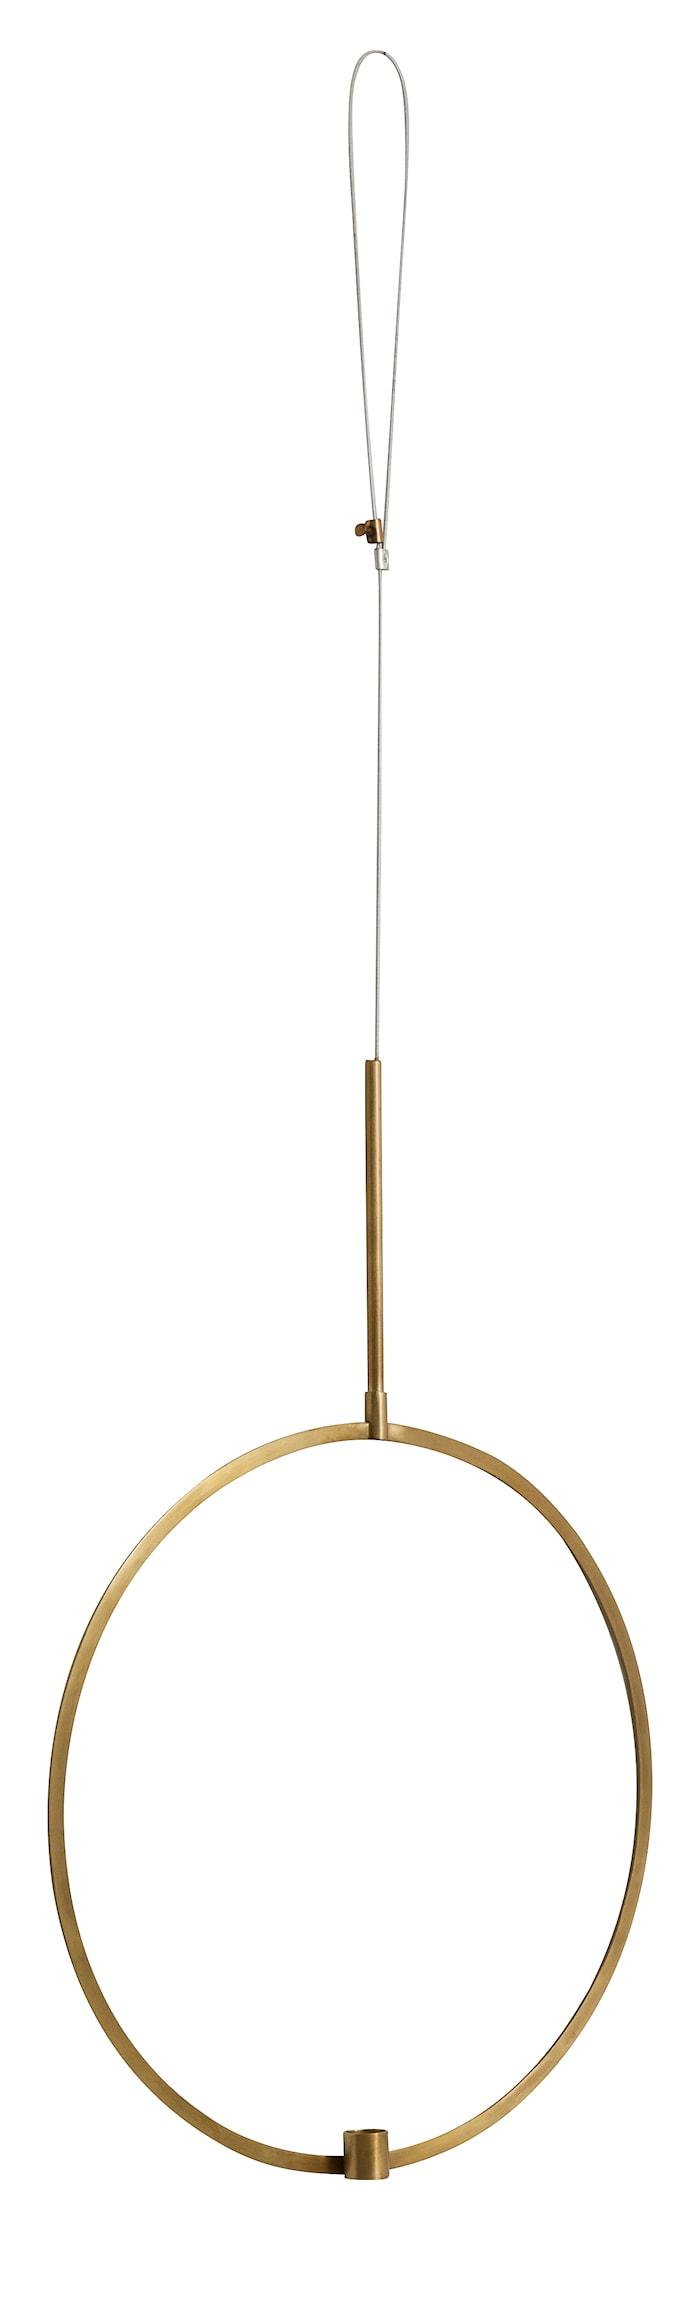 lysestake sirkel til oppheng Ø 42 cm - messing